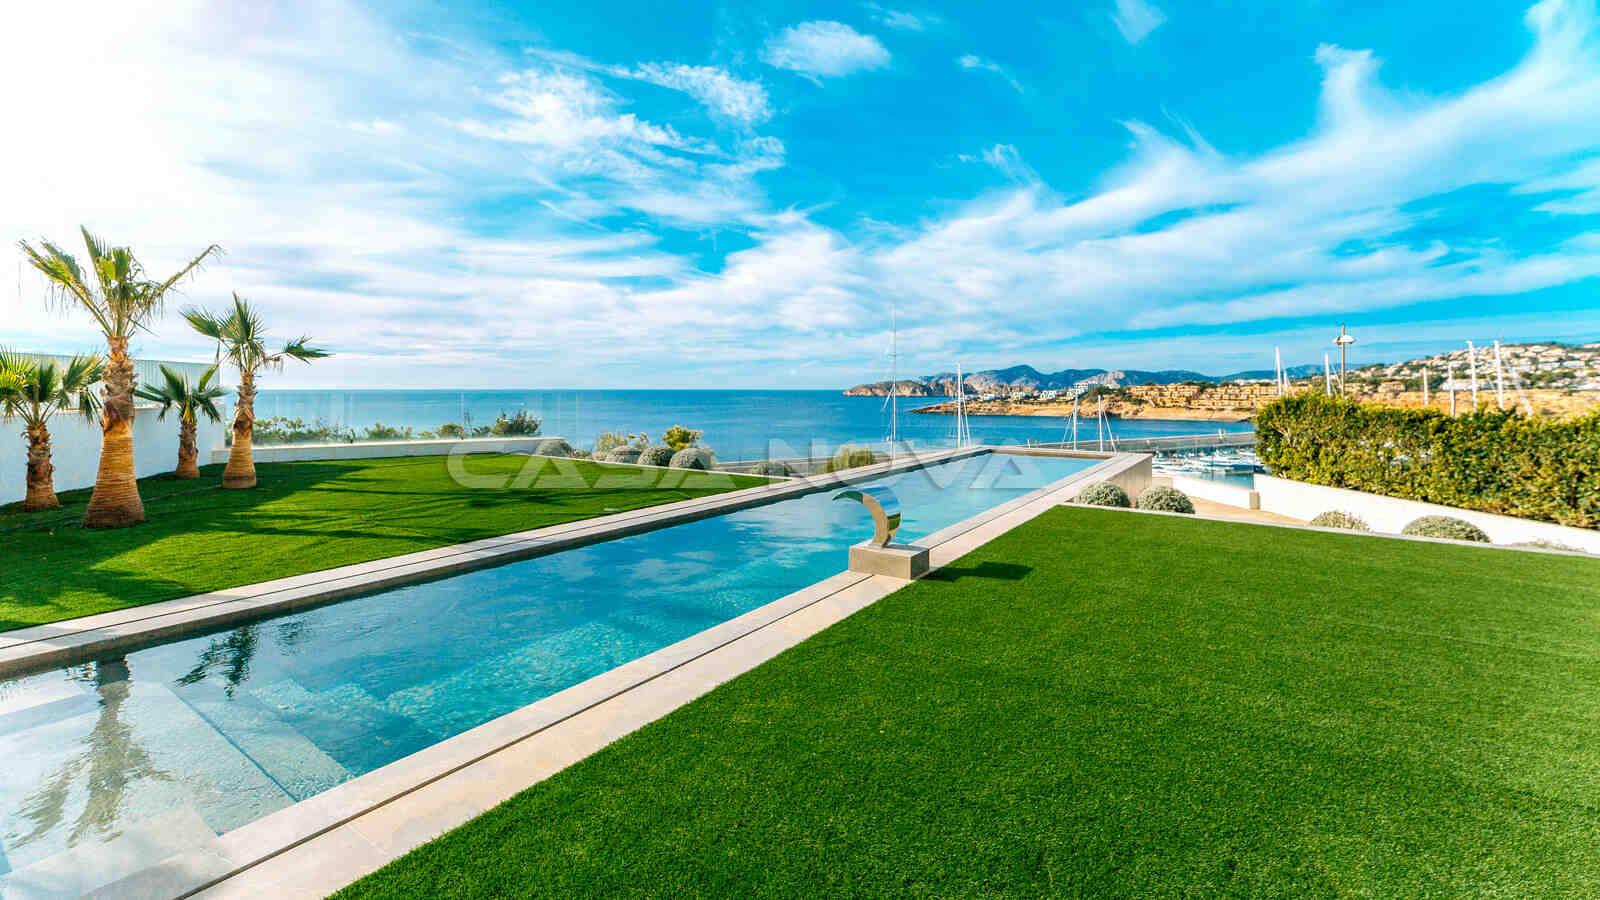 Spektakulärer Aussenbereich mit Infinity- Pool der Mallorca Immobilie